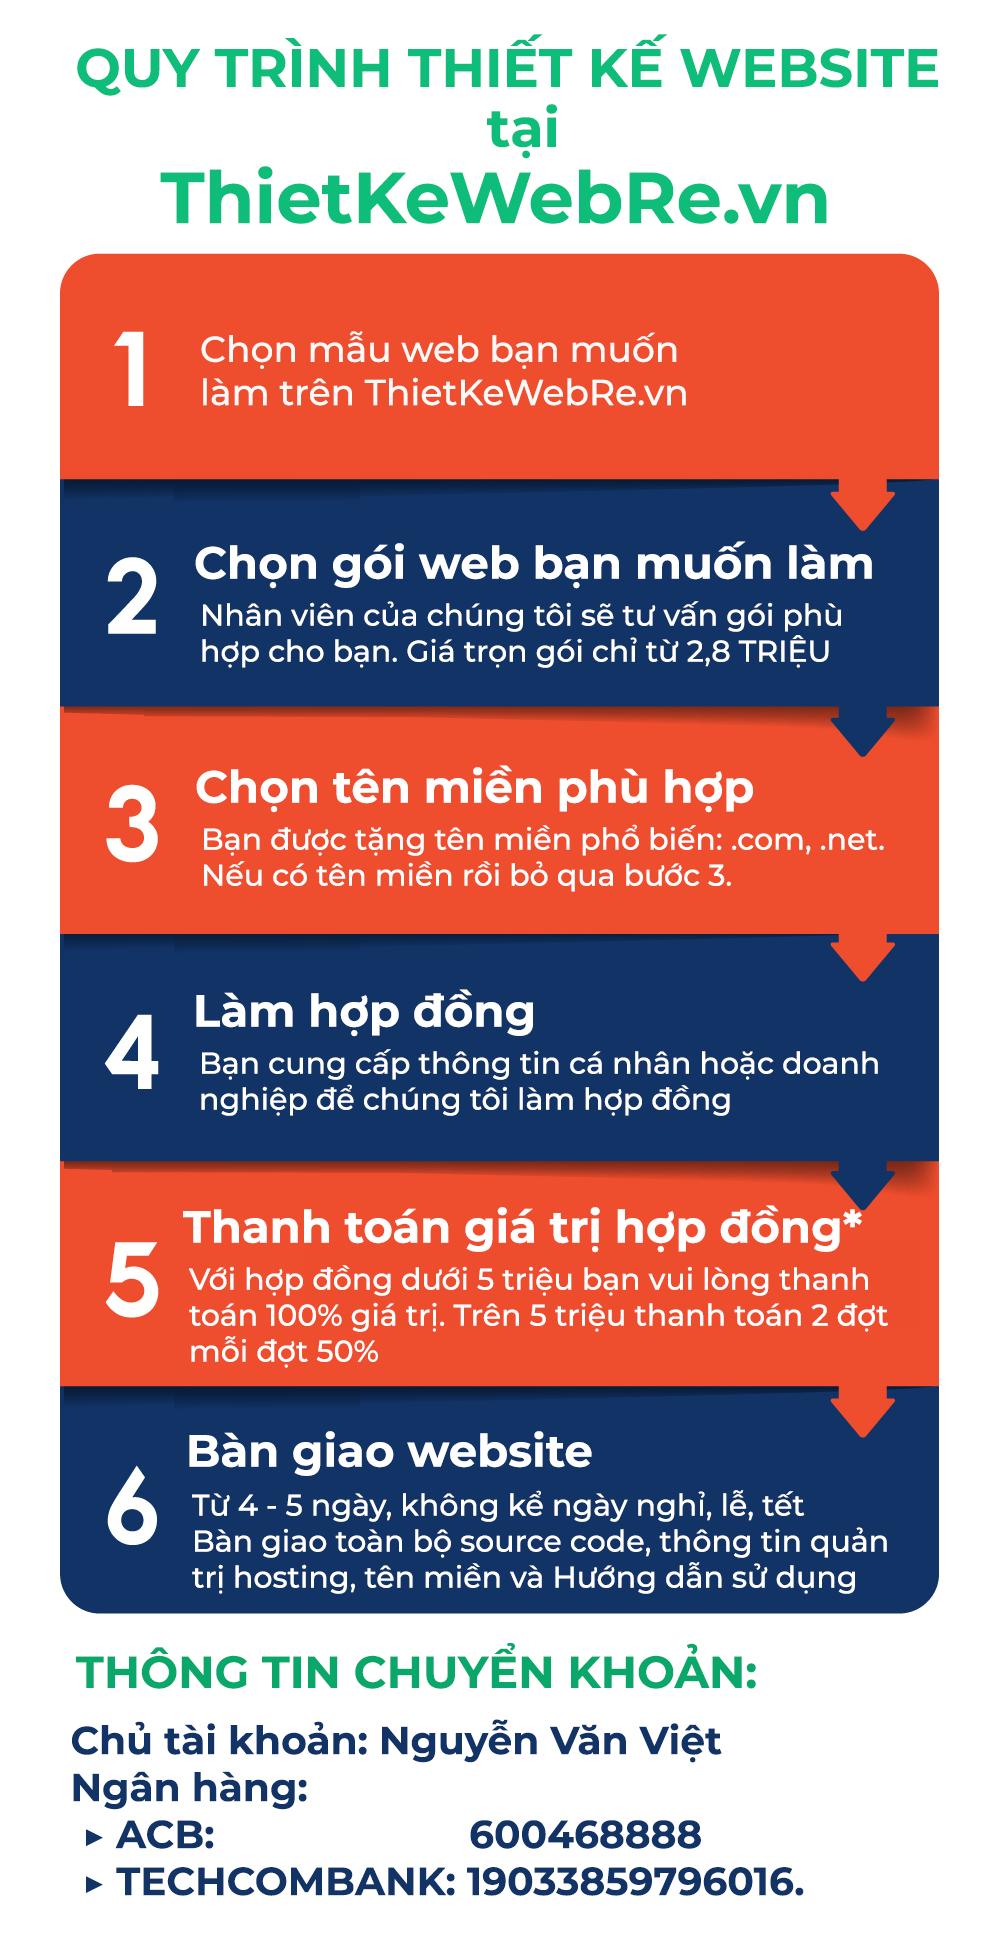 Quy trình thiết kế website tại ThietKeWebRe.vn